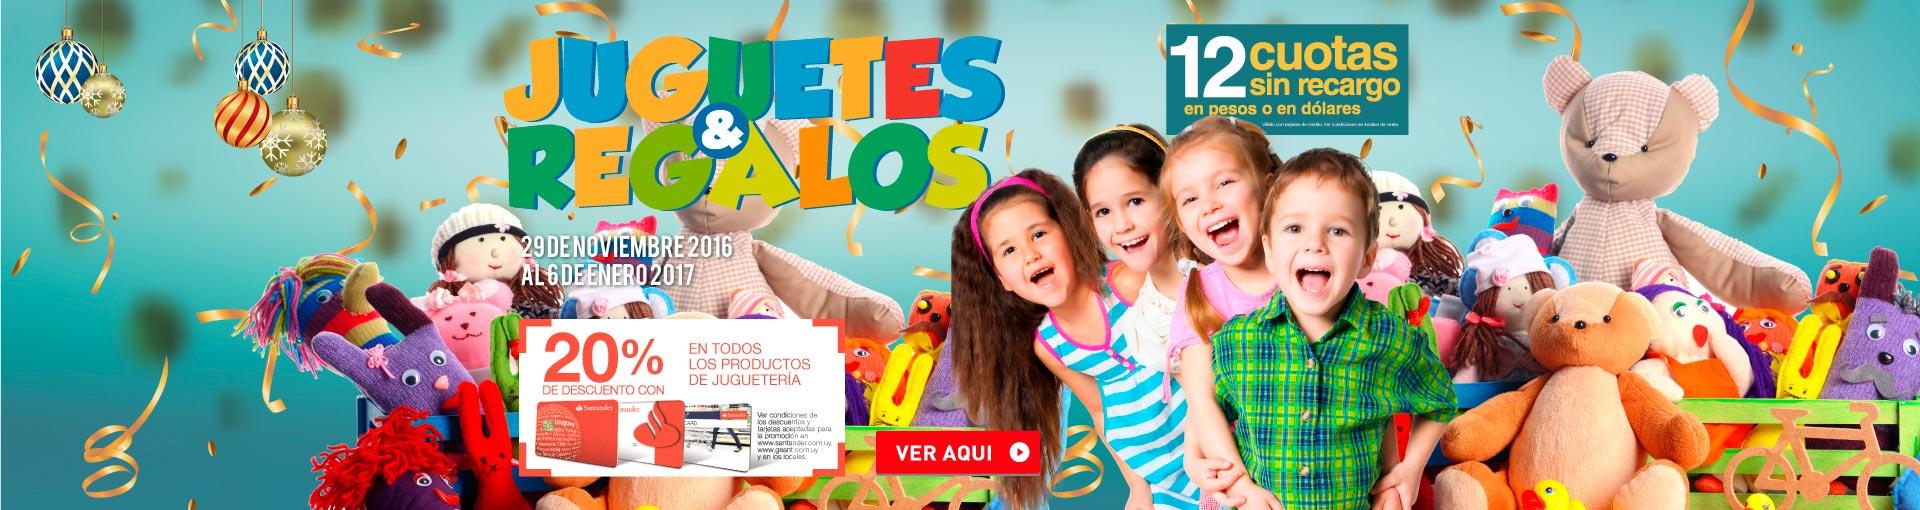 h-juguetes-y-regalos-1920x510